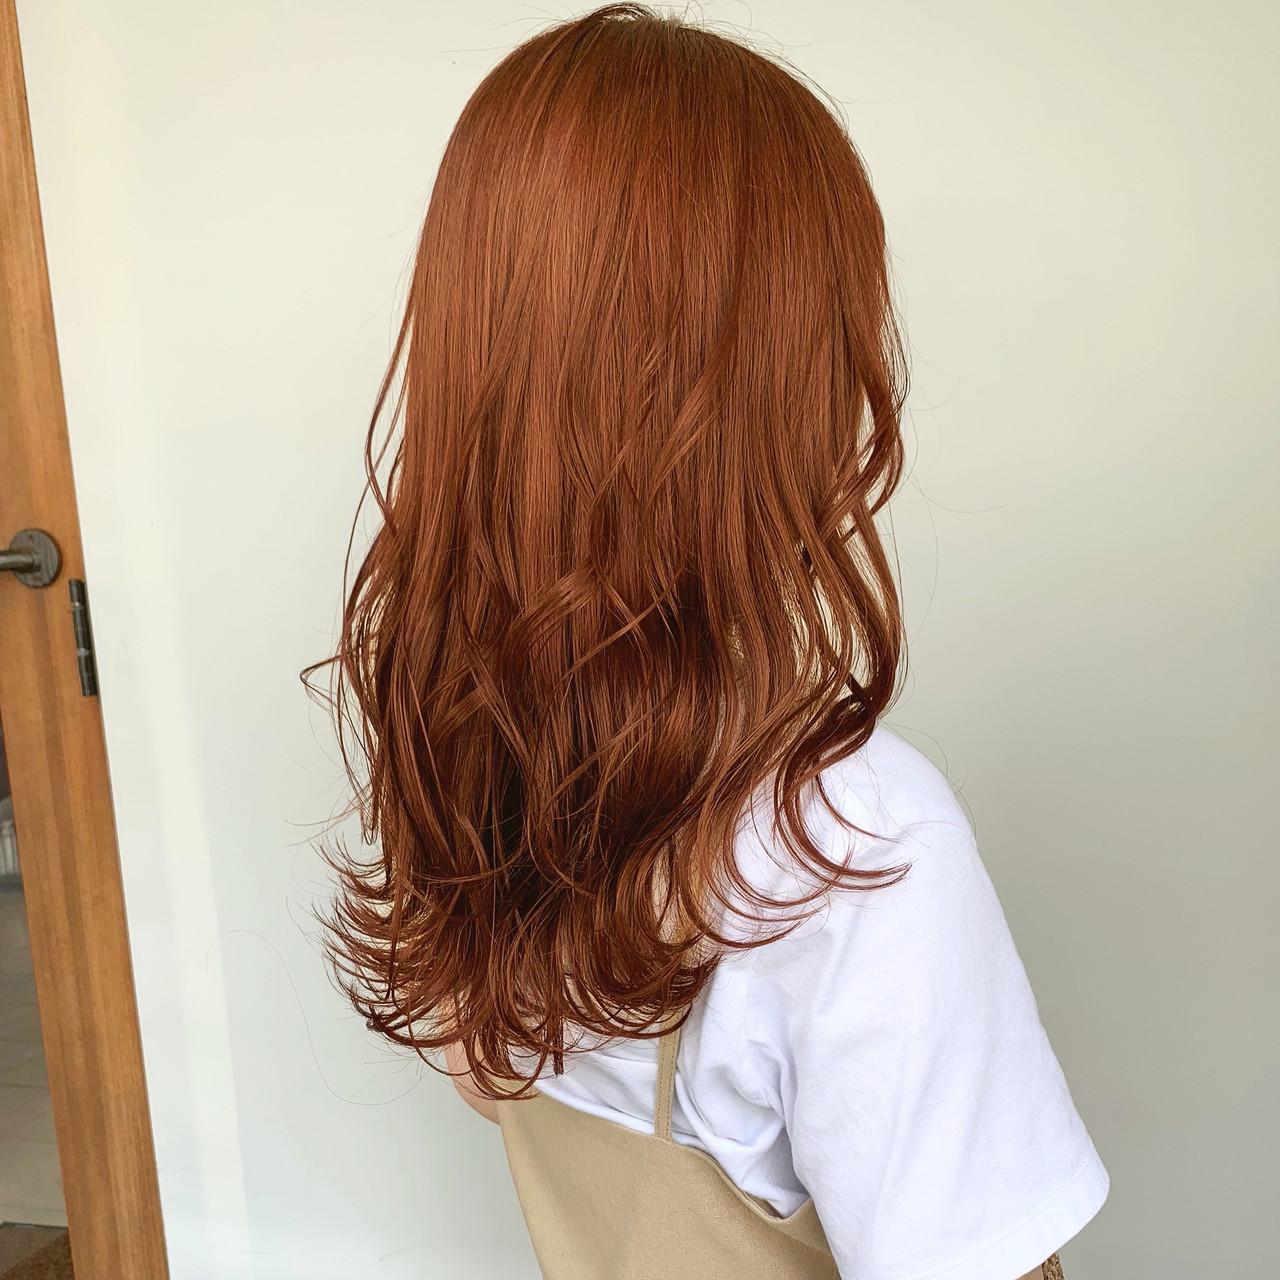 ミルクティーベージュ 簡単ヘアアレンジ ナチュラル セミロング ヘアスタイルや髪型の写真・画像   デザインカラー講師 REOMA / BLITZ R-EVOLUT